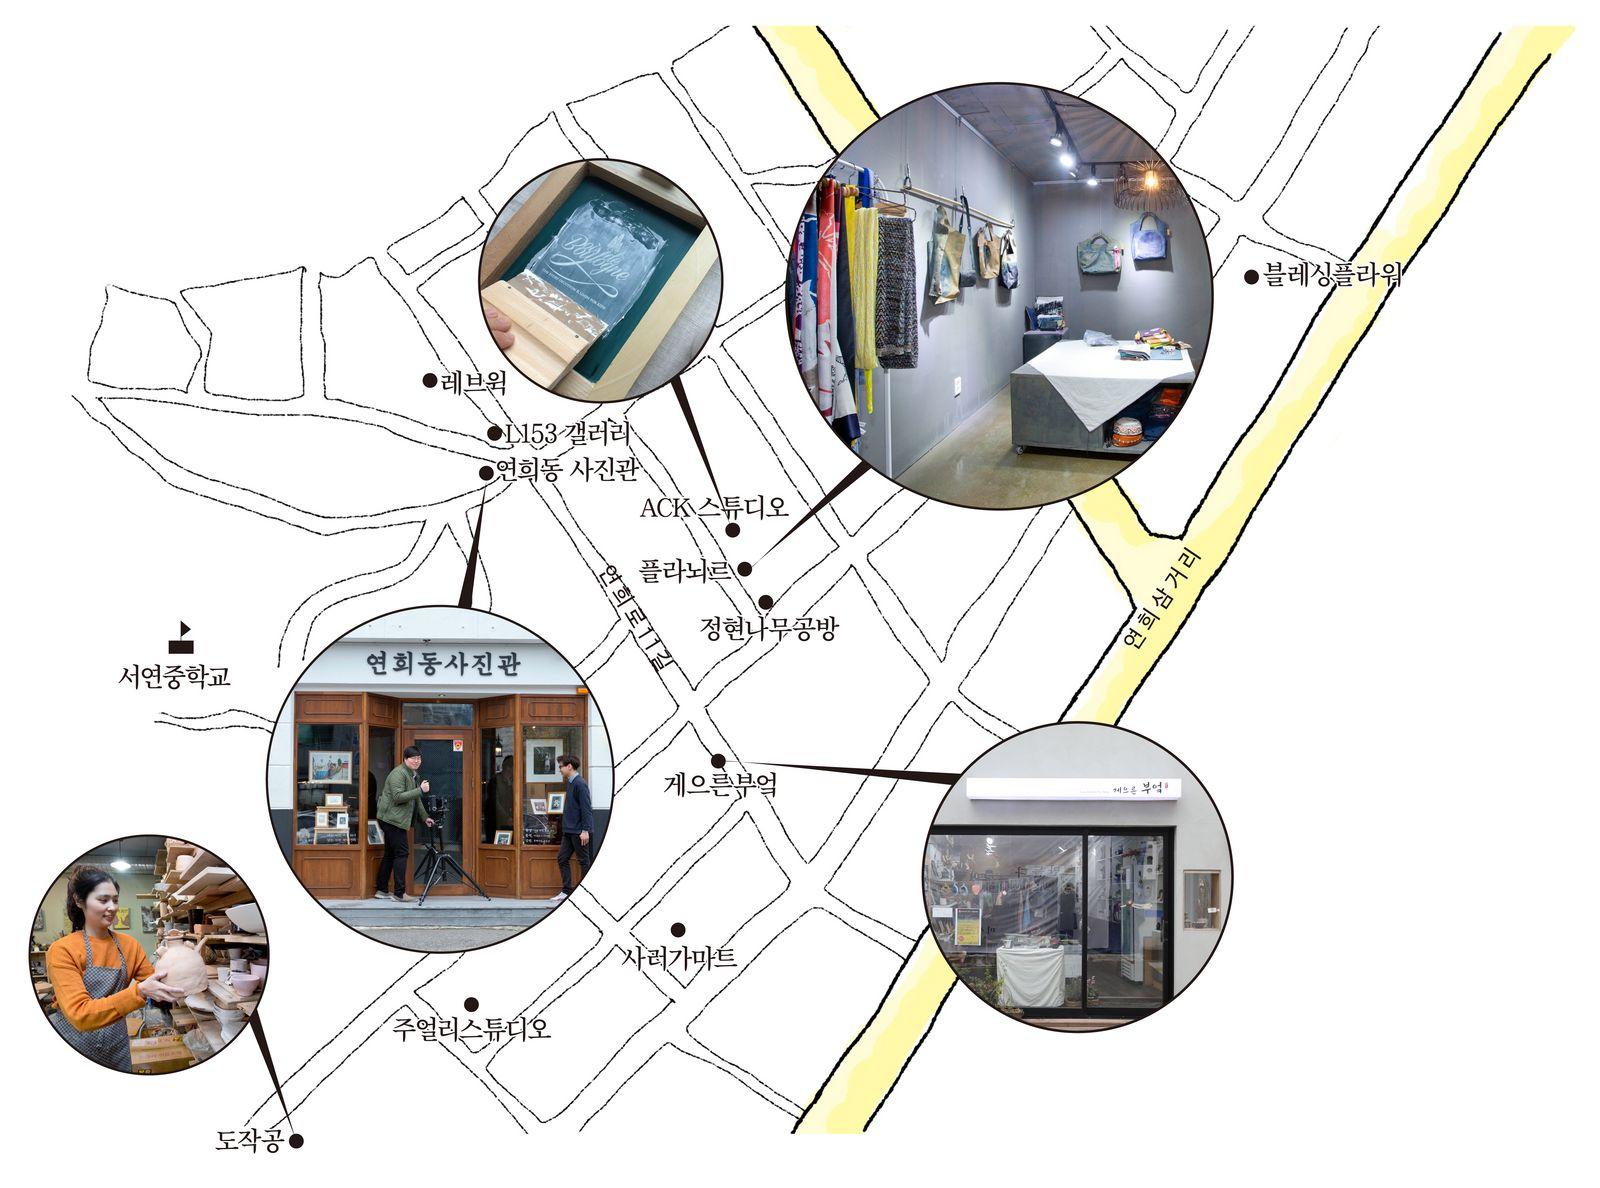 단독주택이 밀집한 서울 연희동 골목이 공방 거리로 변모했다. 공방에 들러 예술가의 작업실을 구경하고 일일 체험 강좌도 들을 수 있다.